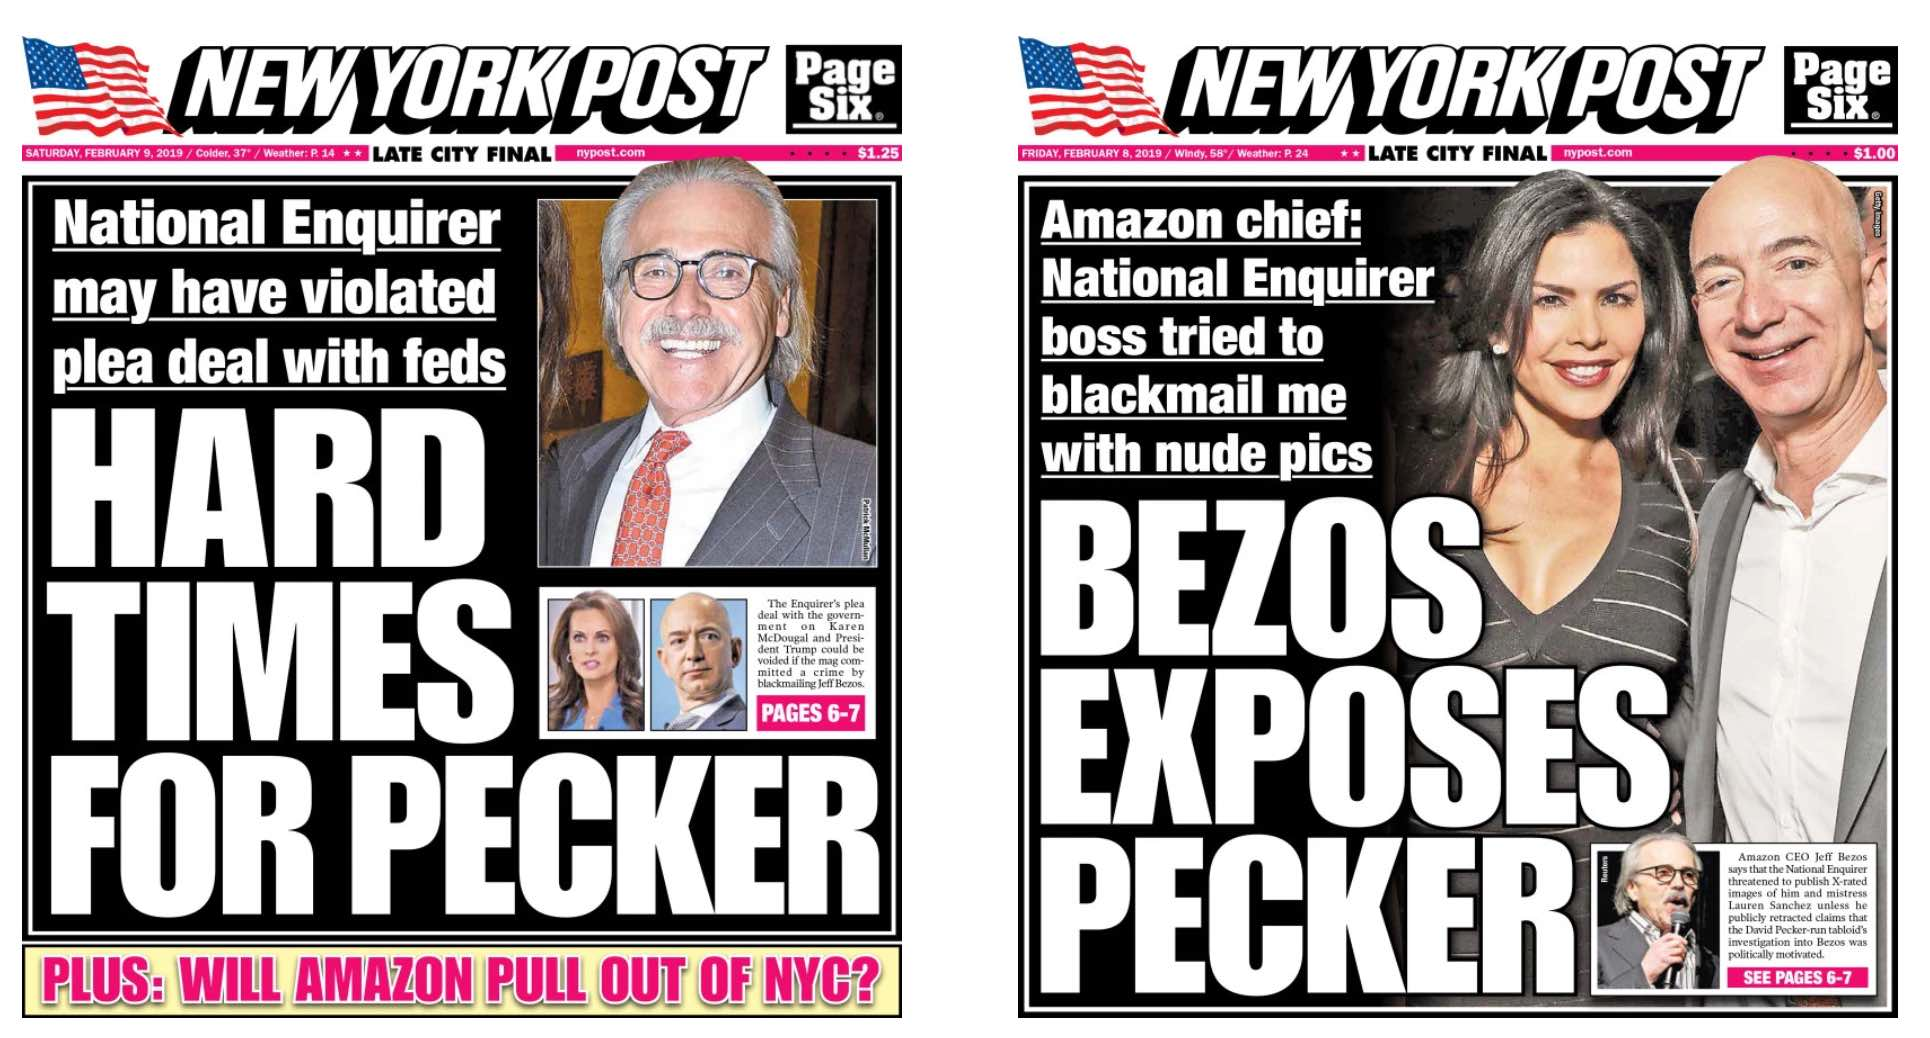 Bezos Exposes Pecker